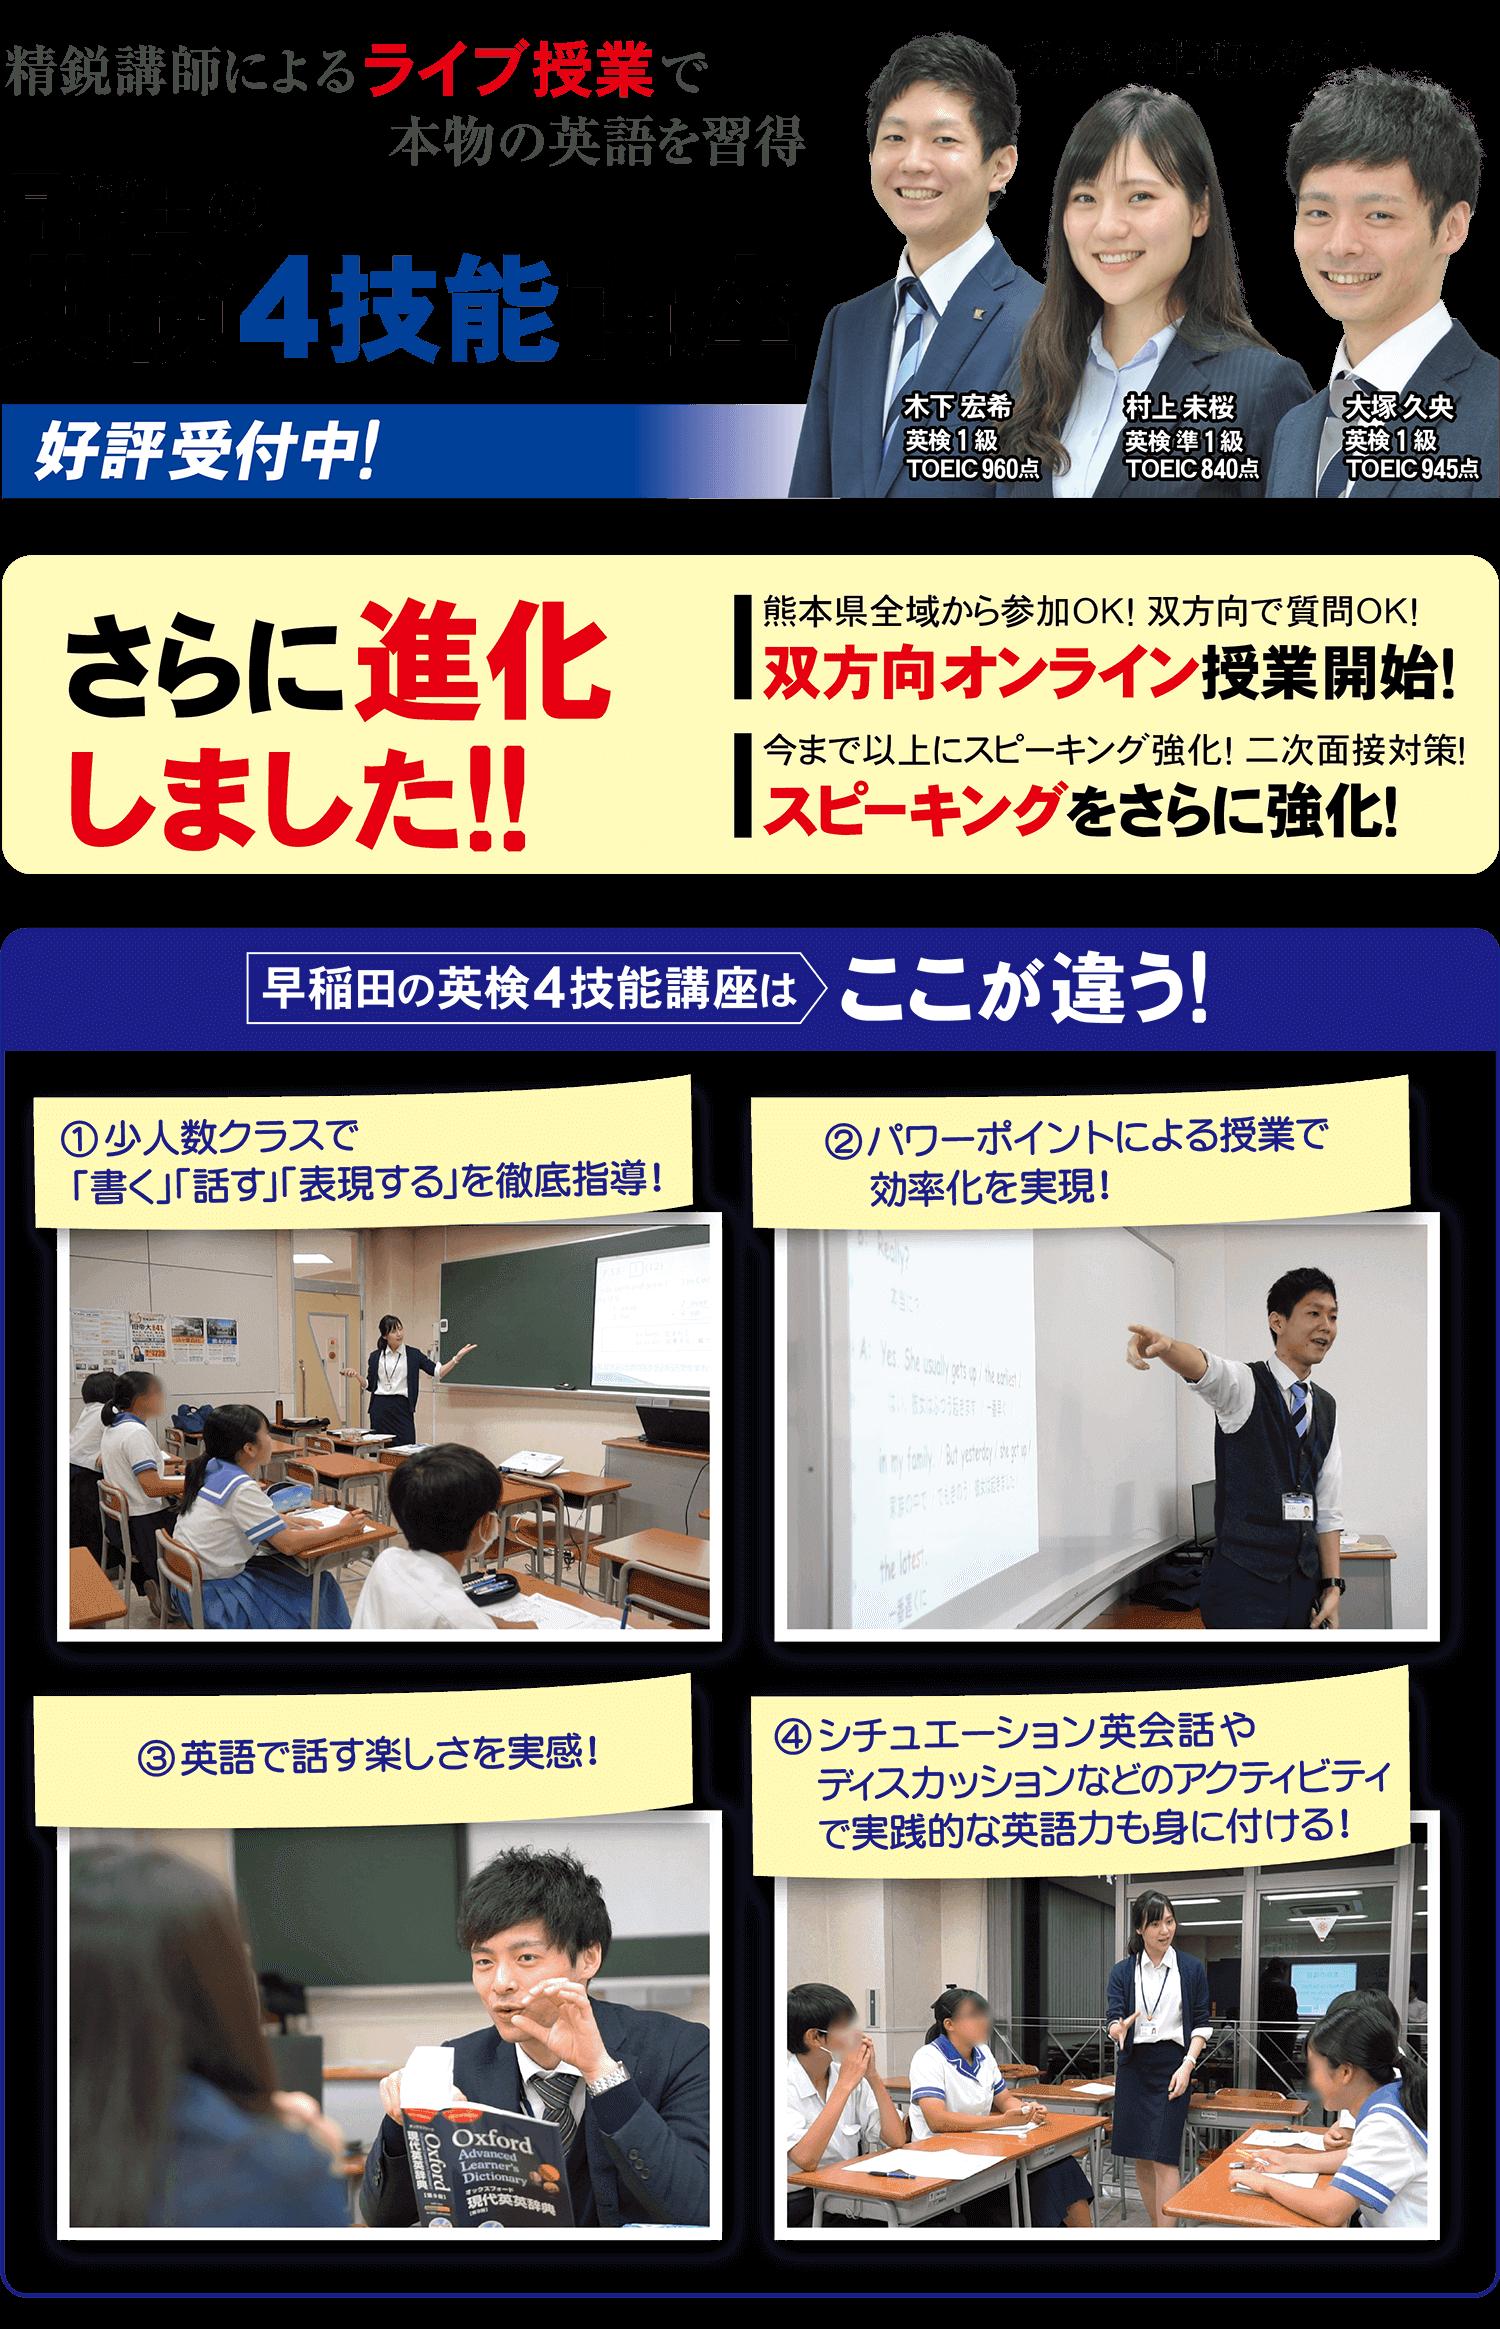 授業 開始 早稲田